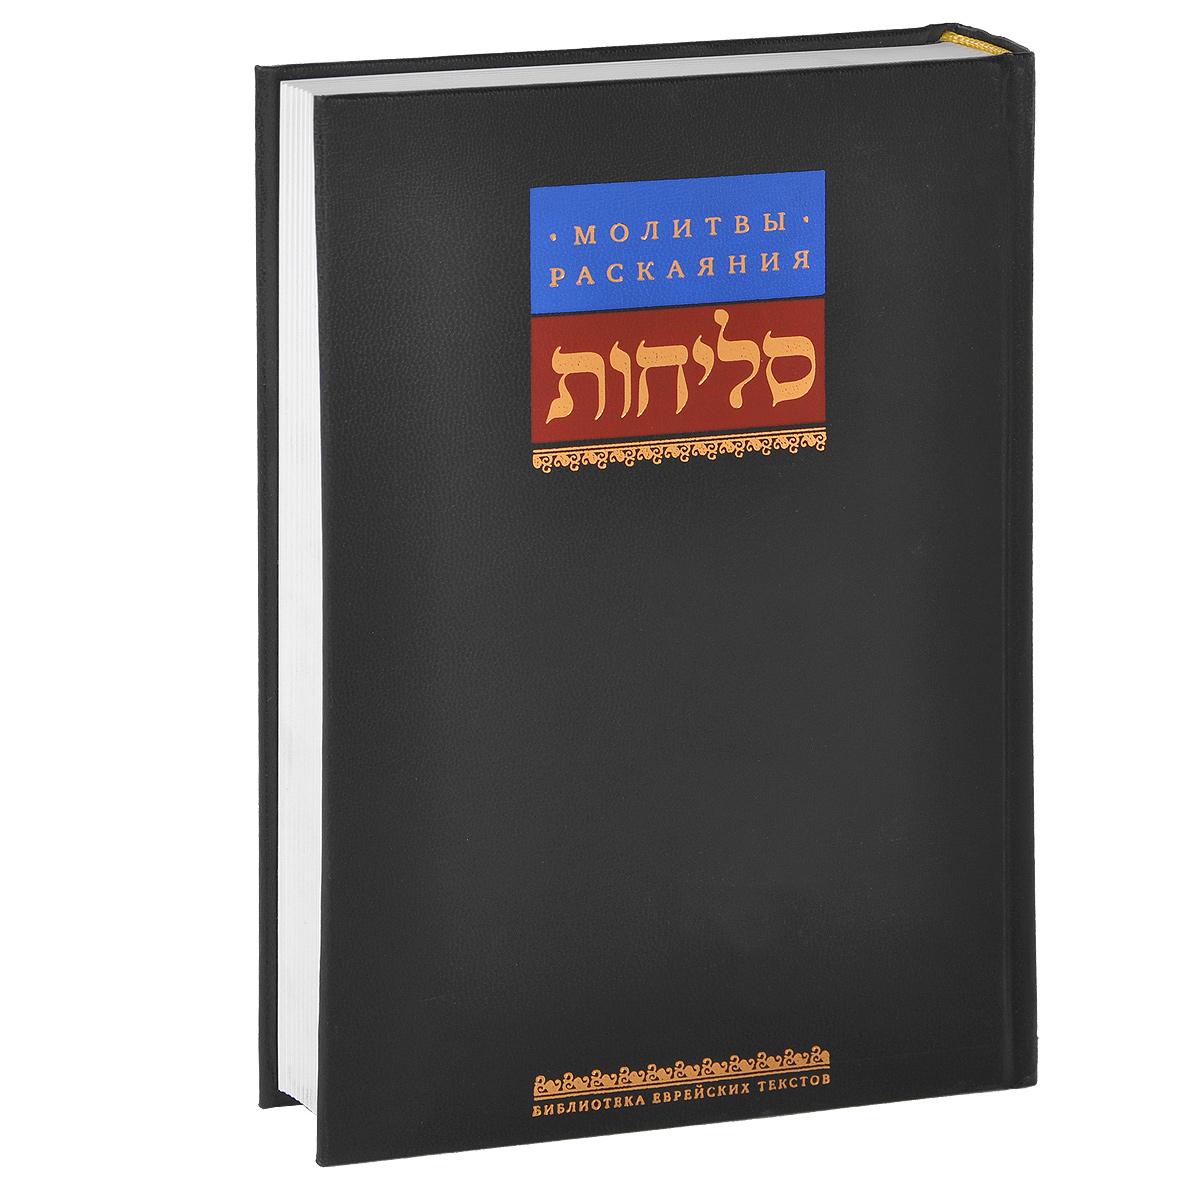 Молитвы раскаяния ISBN: 978-5-900309-35-5